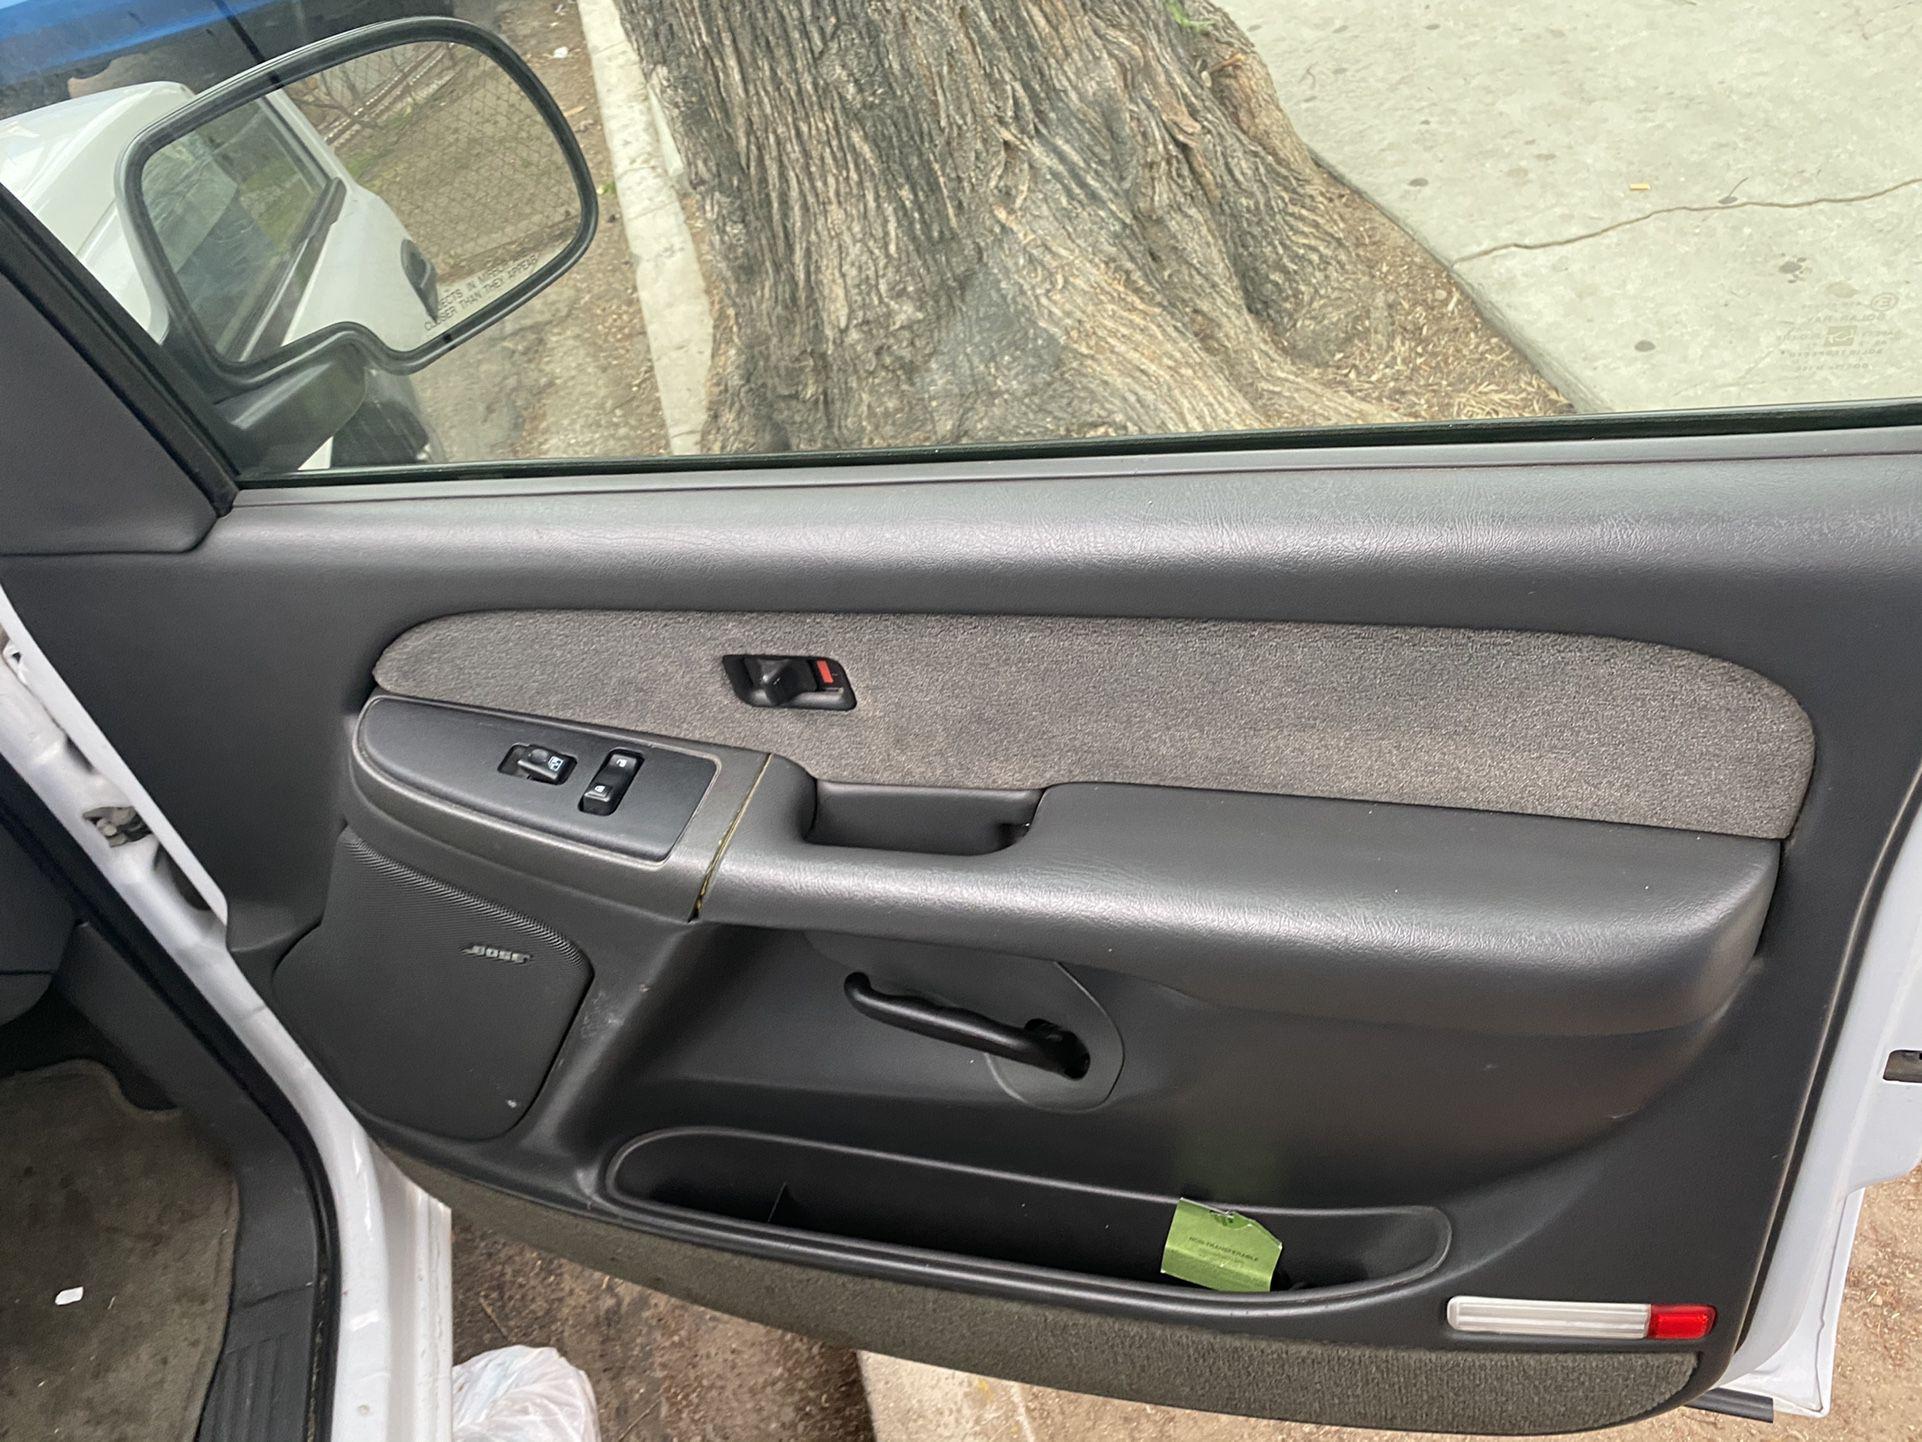 Silverado 2003 Motor 4.8 V8 Excelentes Condiciones La Camioneta Cuenta Con 183 Mil Millas